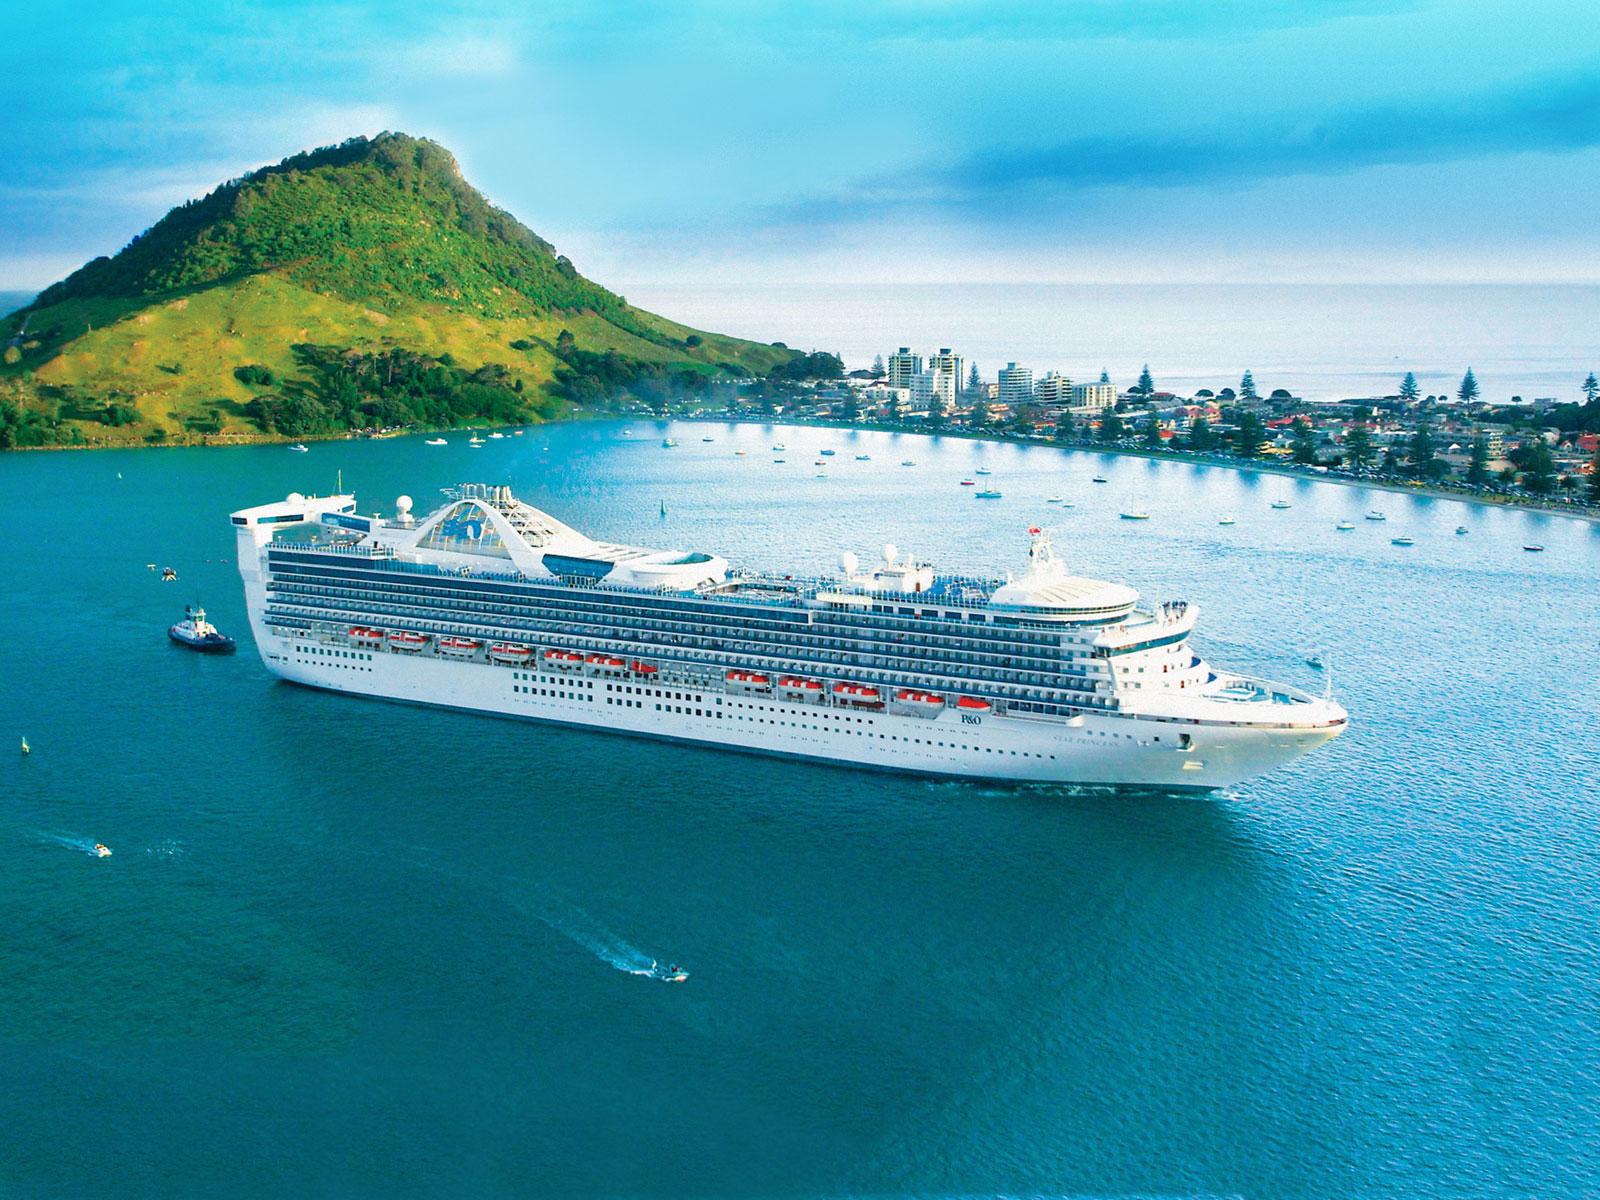 Tauranga Port Cruise ship